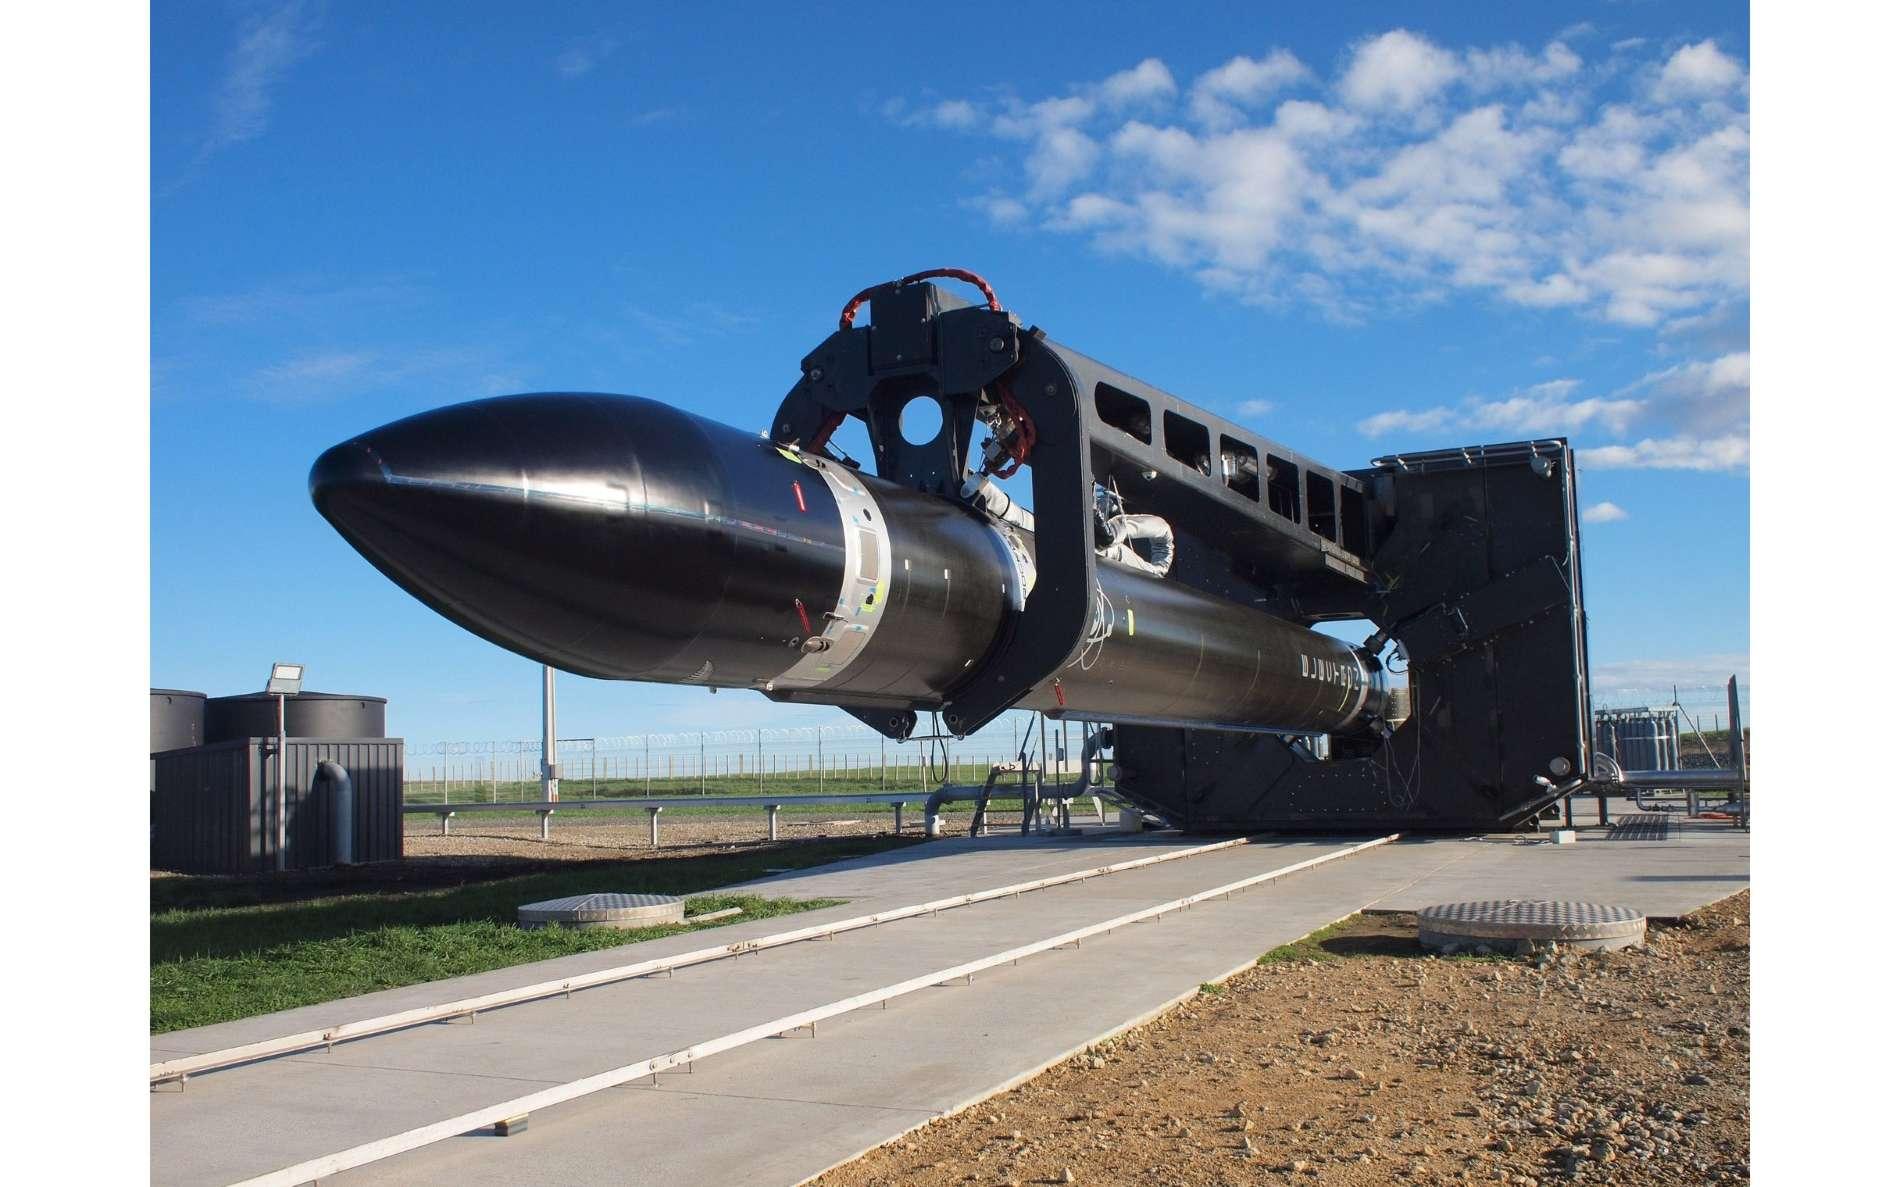 Avec un tarif de moins de cinq millions de dollars le lancement, Electron vise une cadence de plusieurs dizaines de vols chaque année. © Rocket Lab